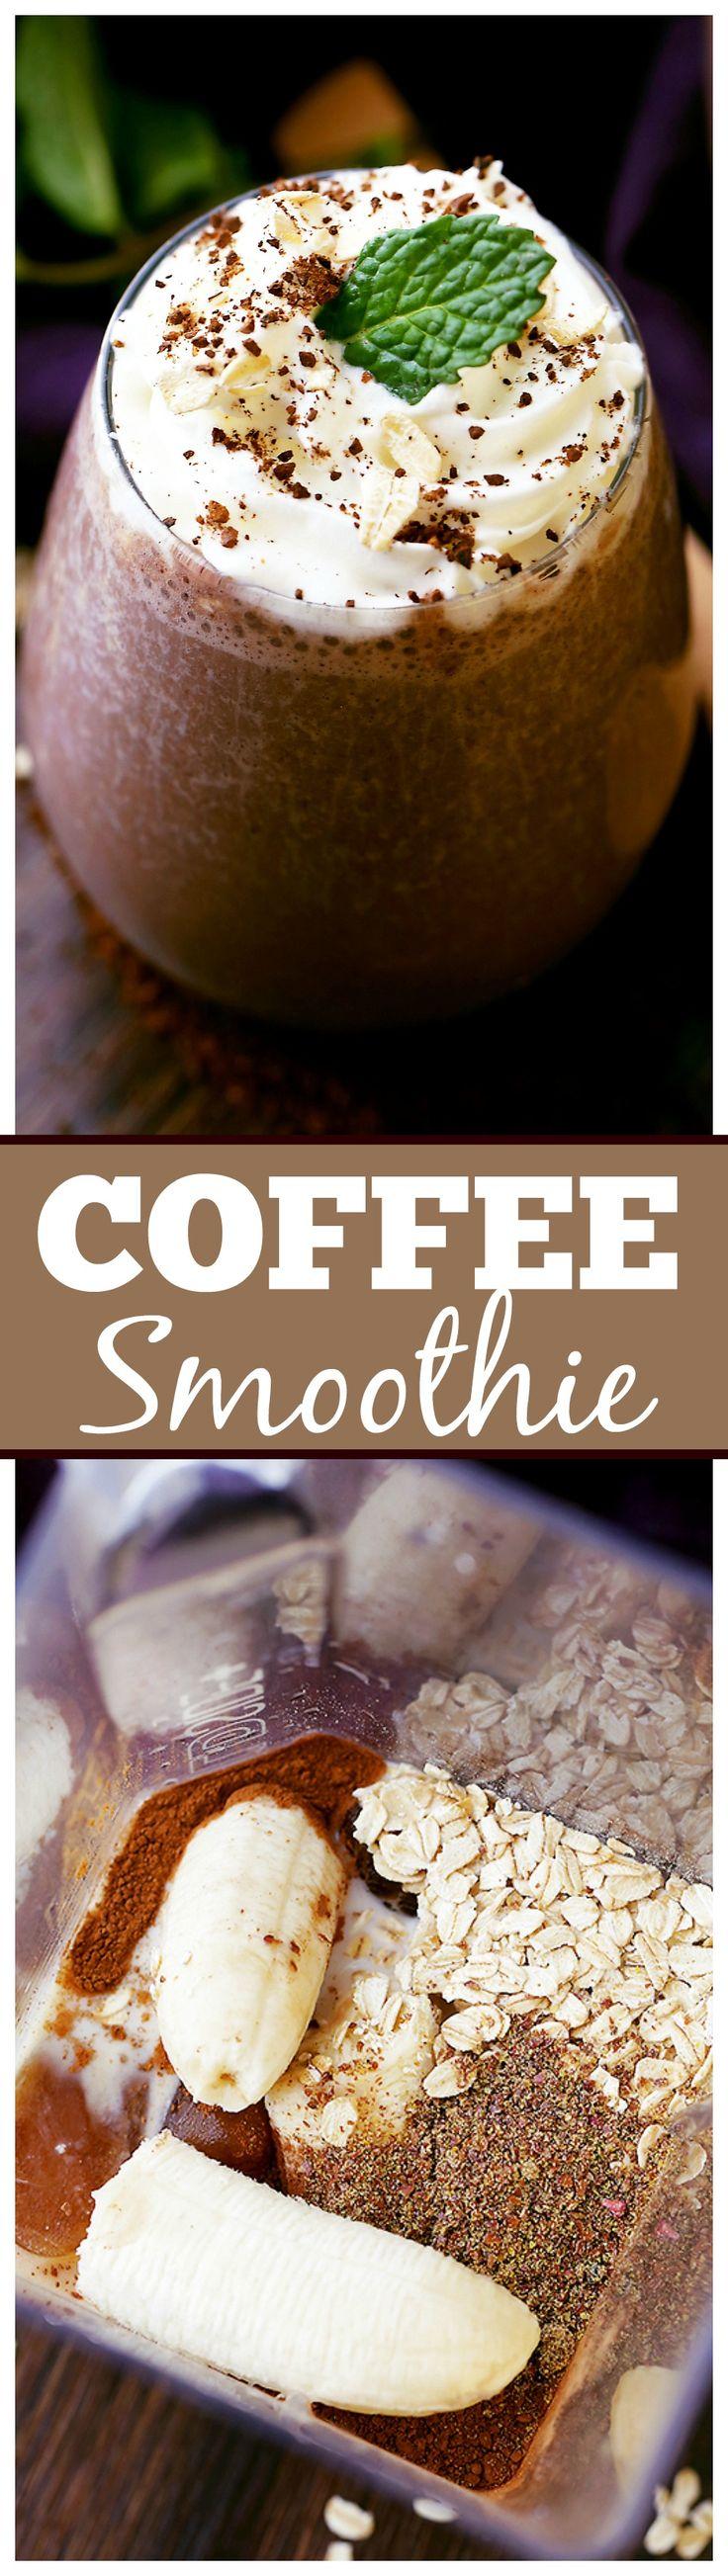 LICUADO DE CAFE 1 taza de fuerte café preparado congelado, 1 guineo, 1/4 de taza avena,  1 cuch. cacao en polvo, 1/8 cucht. de canela molida,  1 taza leche (regular, almendras o soja),  1 cucharadita de miel. INSTRUCCIONES:  Combinar todos los ingredientes en una licuadora , incluidos los cubos de hielo de café y mezcla hasta que quede suave . Endulzar al gusto y servir.